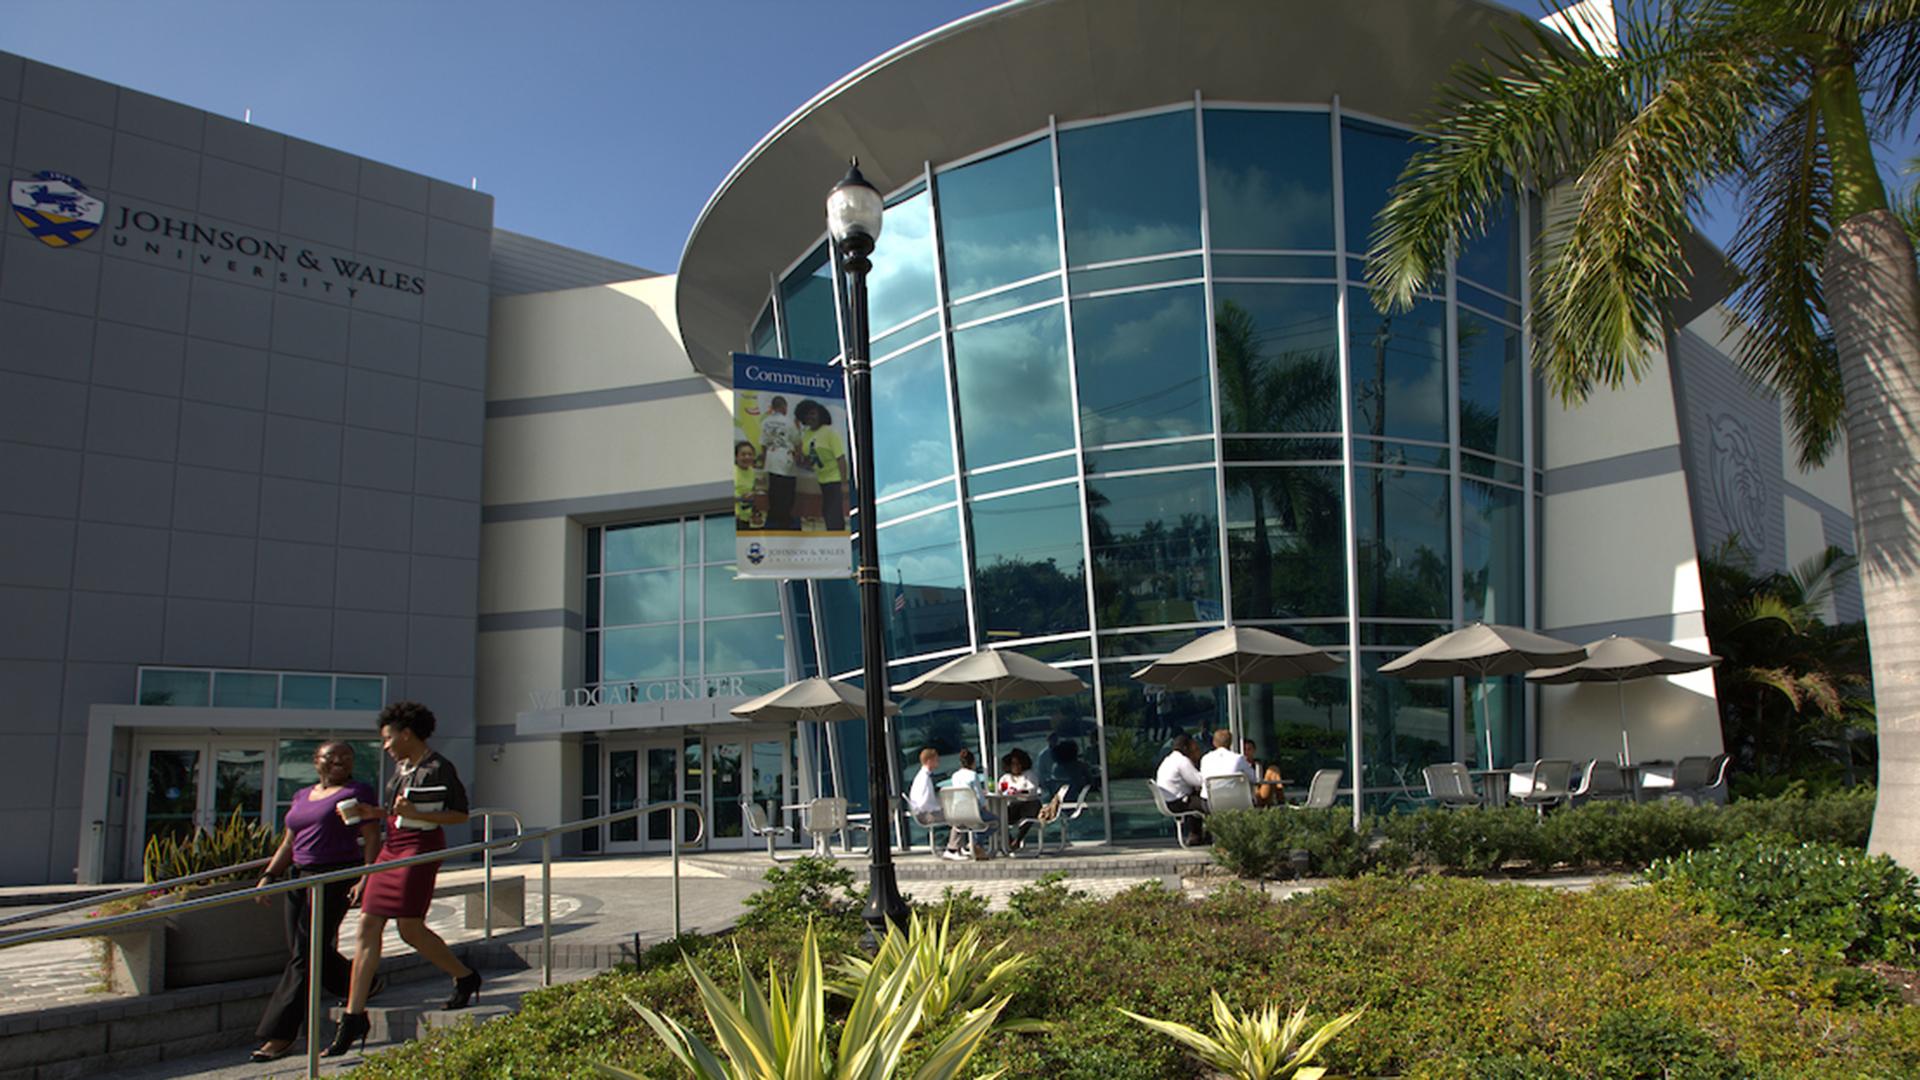 Johnson And Wales University Miami >> About Jwu North Miami Johnson Wales University